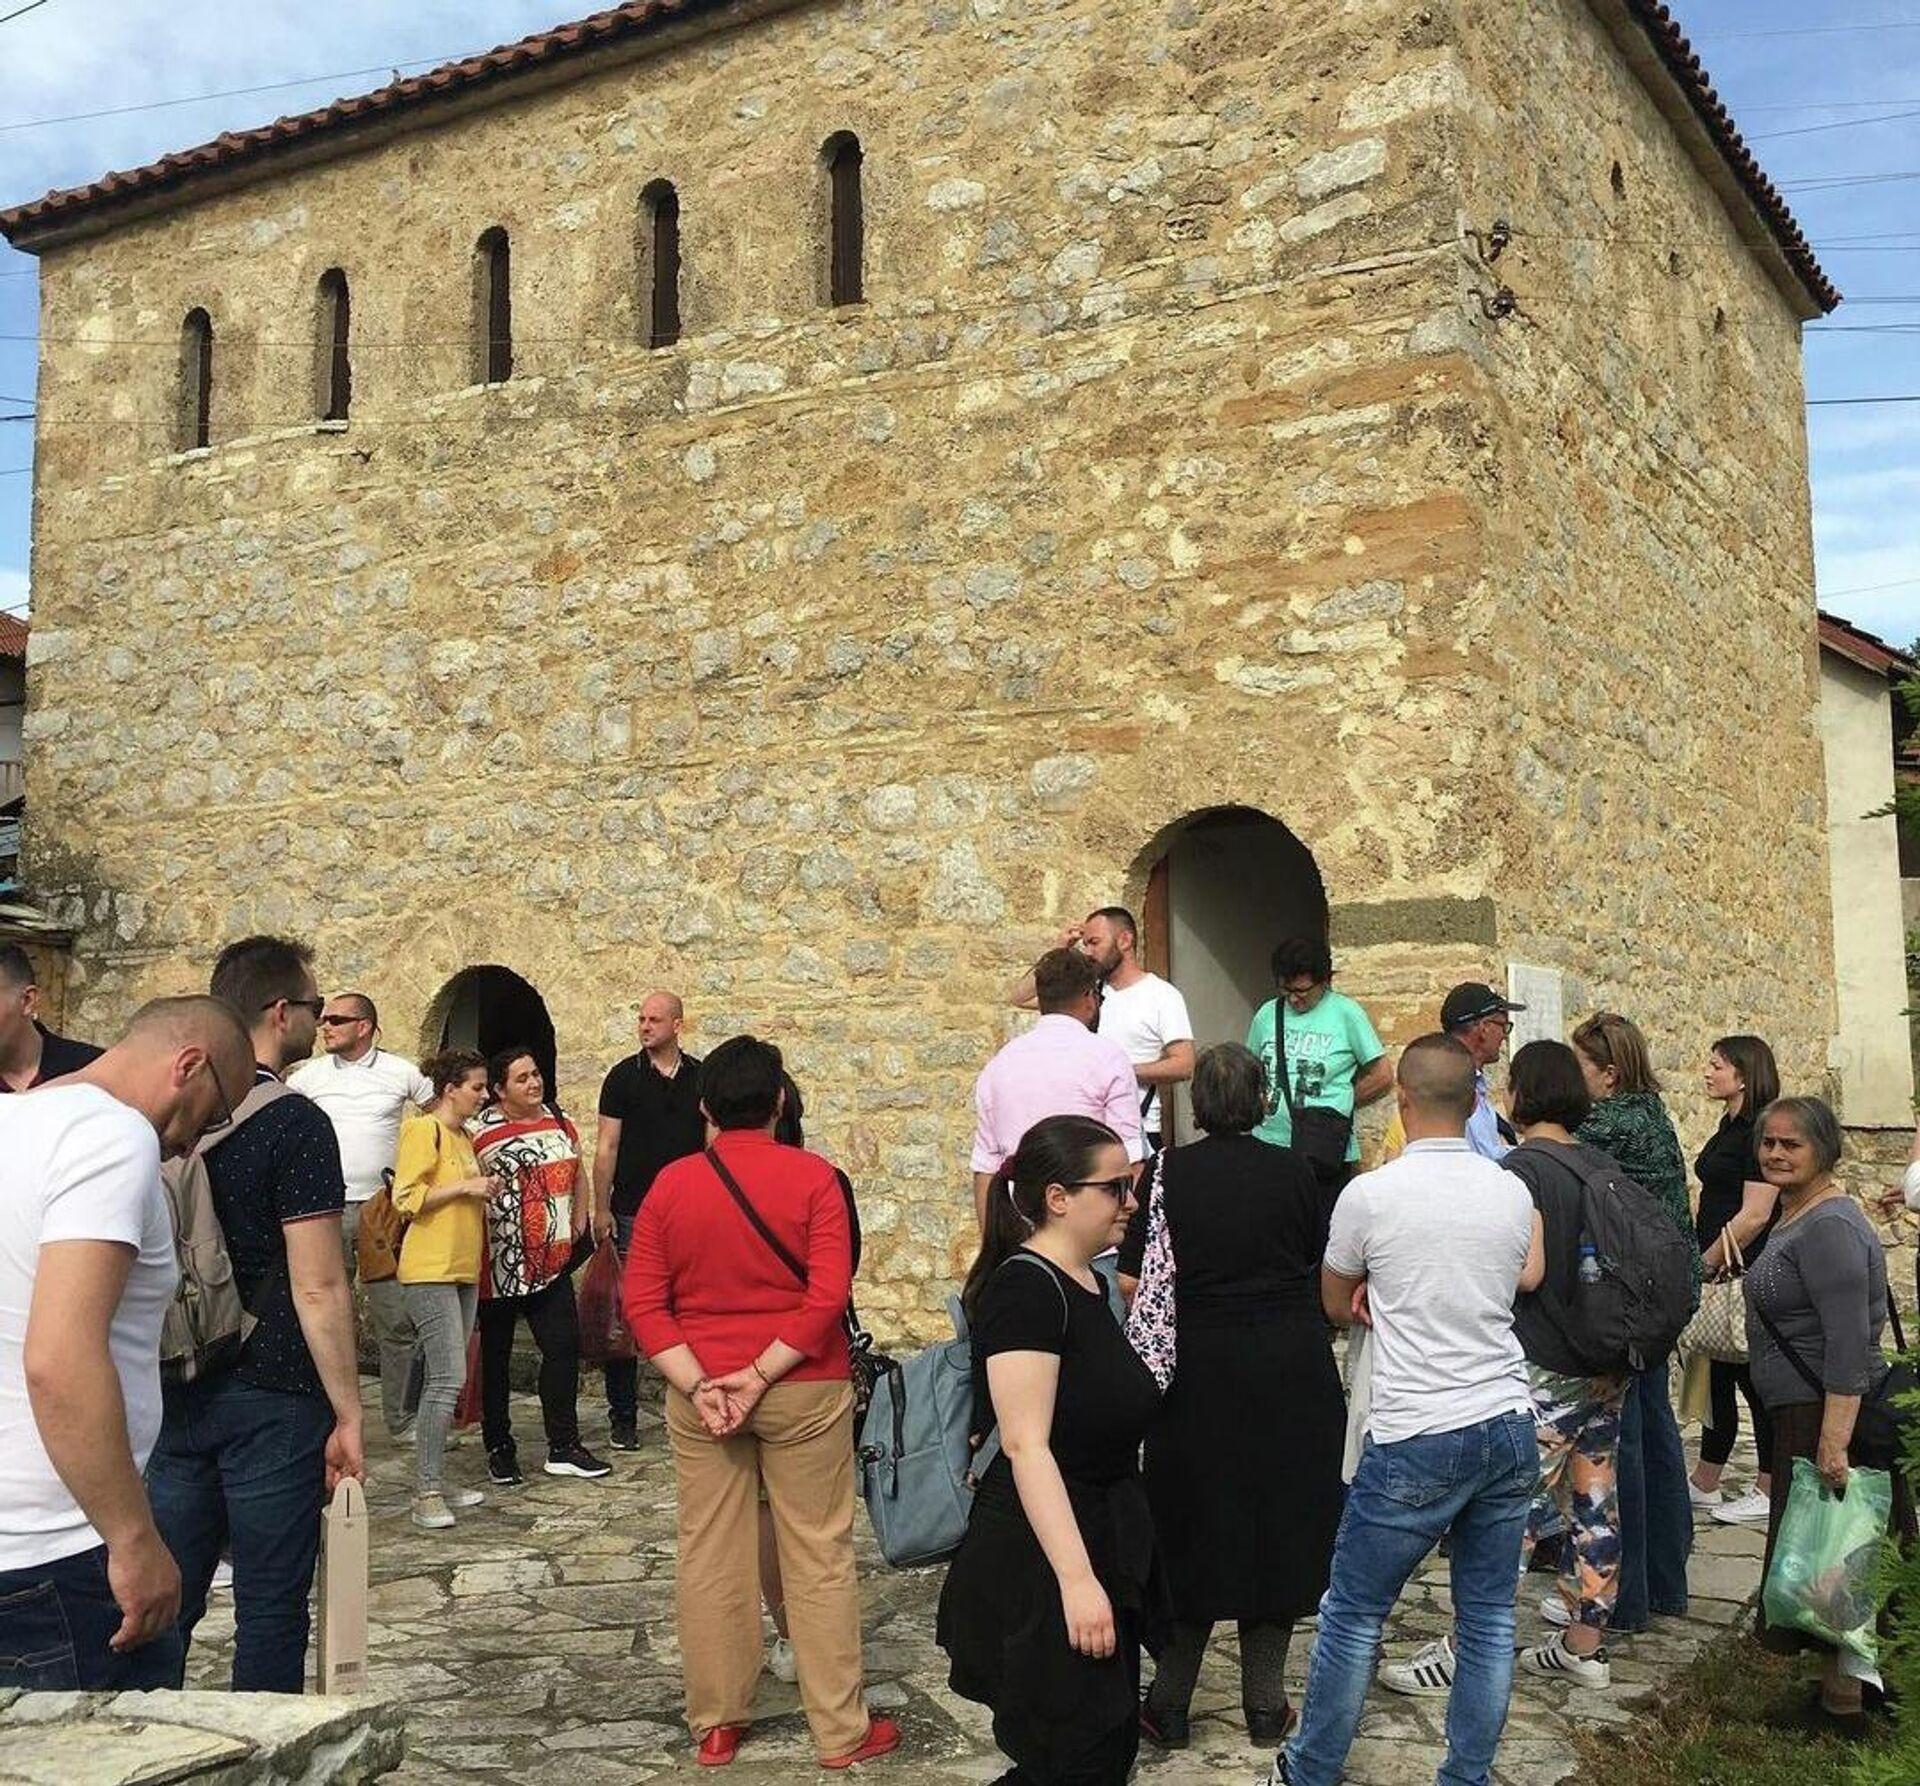 Један од ретких извора прихода у Великој Хочи је туризам, 25 домаћинстава зарађује нудећи смештај, већина гостију се врати у Метохију. - Sputnik Србија, 1920, 10.09.2021